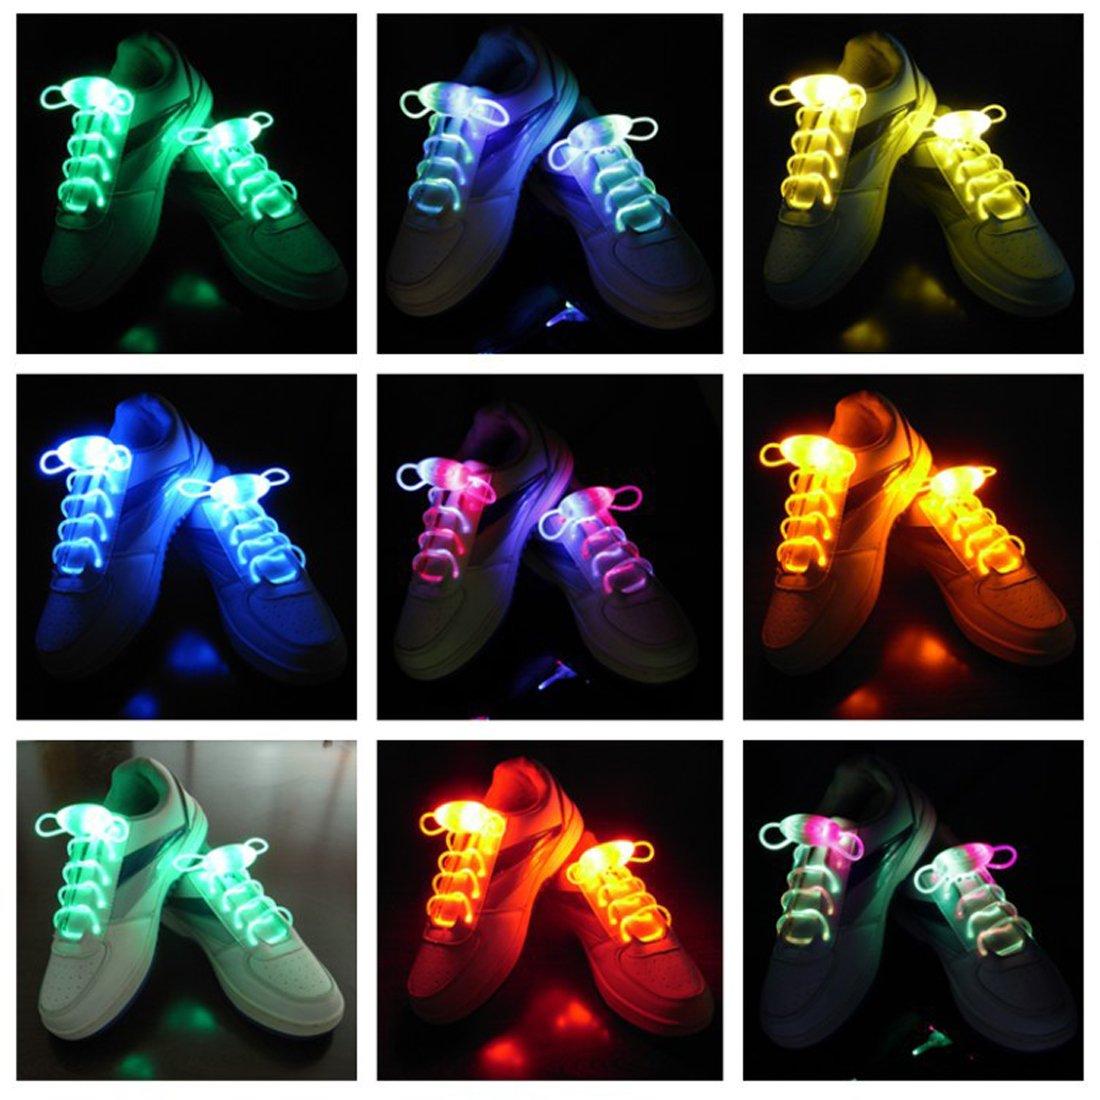 Joylive Fiber Optic Flash Light Up LED Shoelaces Shoe Laces Glow Stick Strap Shoelaces